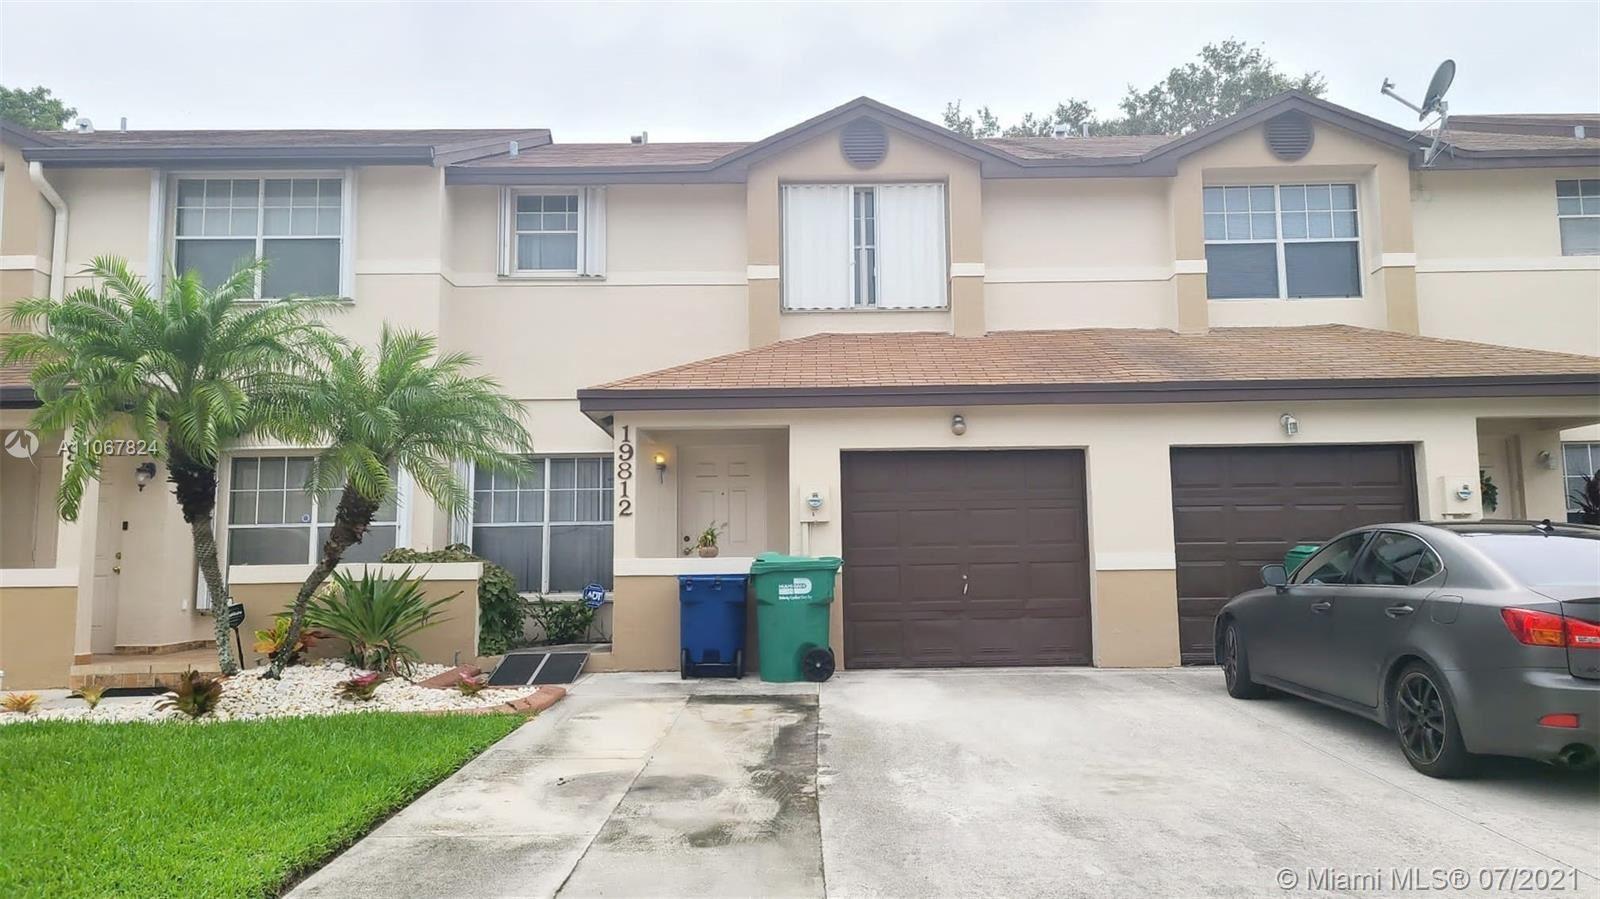 19812 NW 34th Ave, Miami Gardens, FL 33056 - #: A11067824